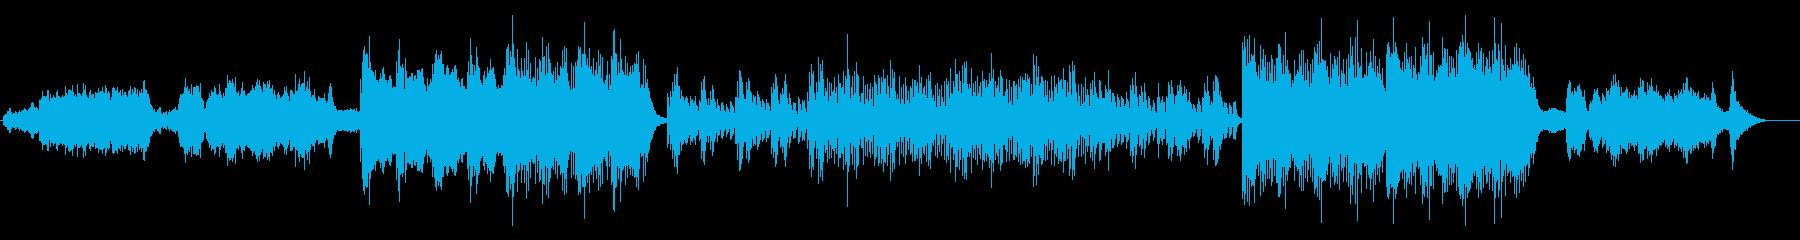 愁いを秘めたアンビエントな趣のピアノの再生済みの波形